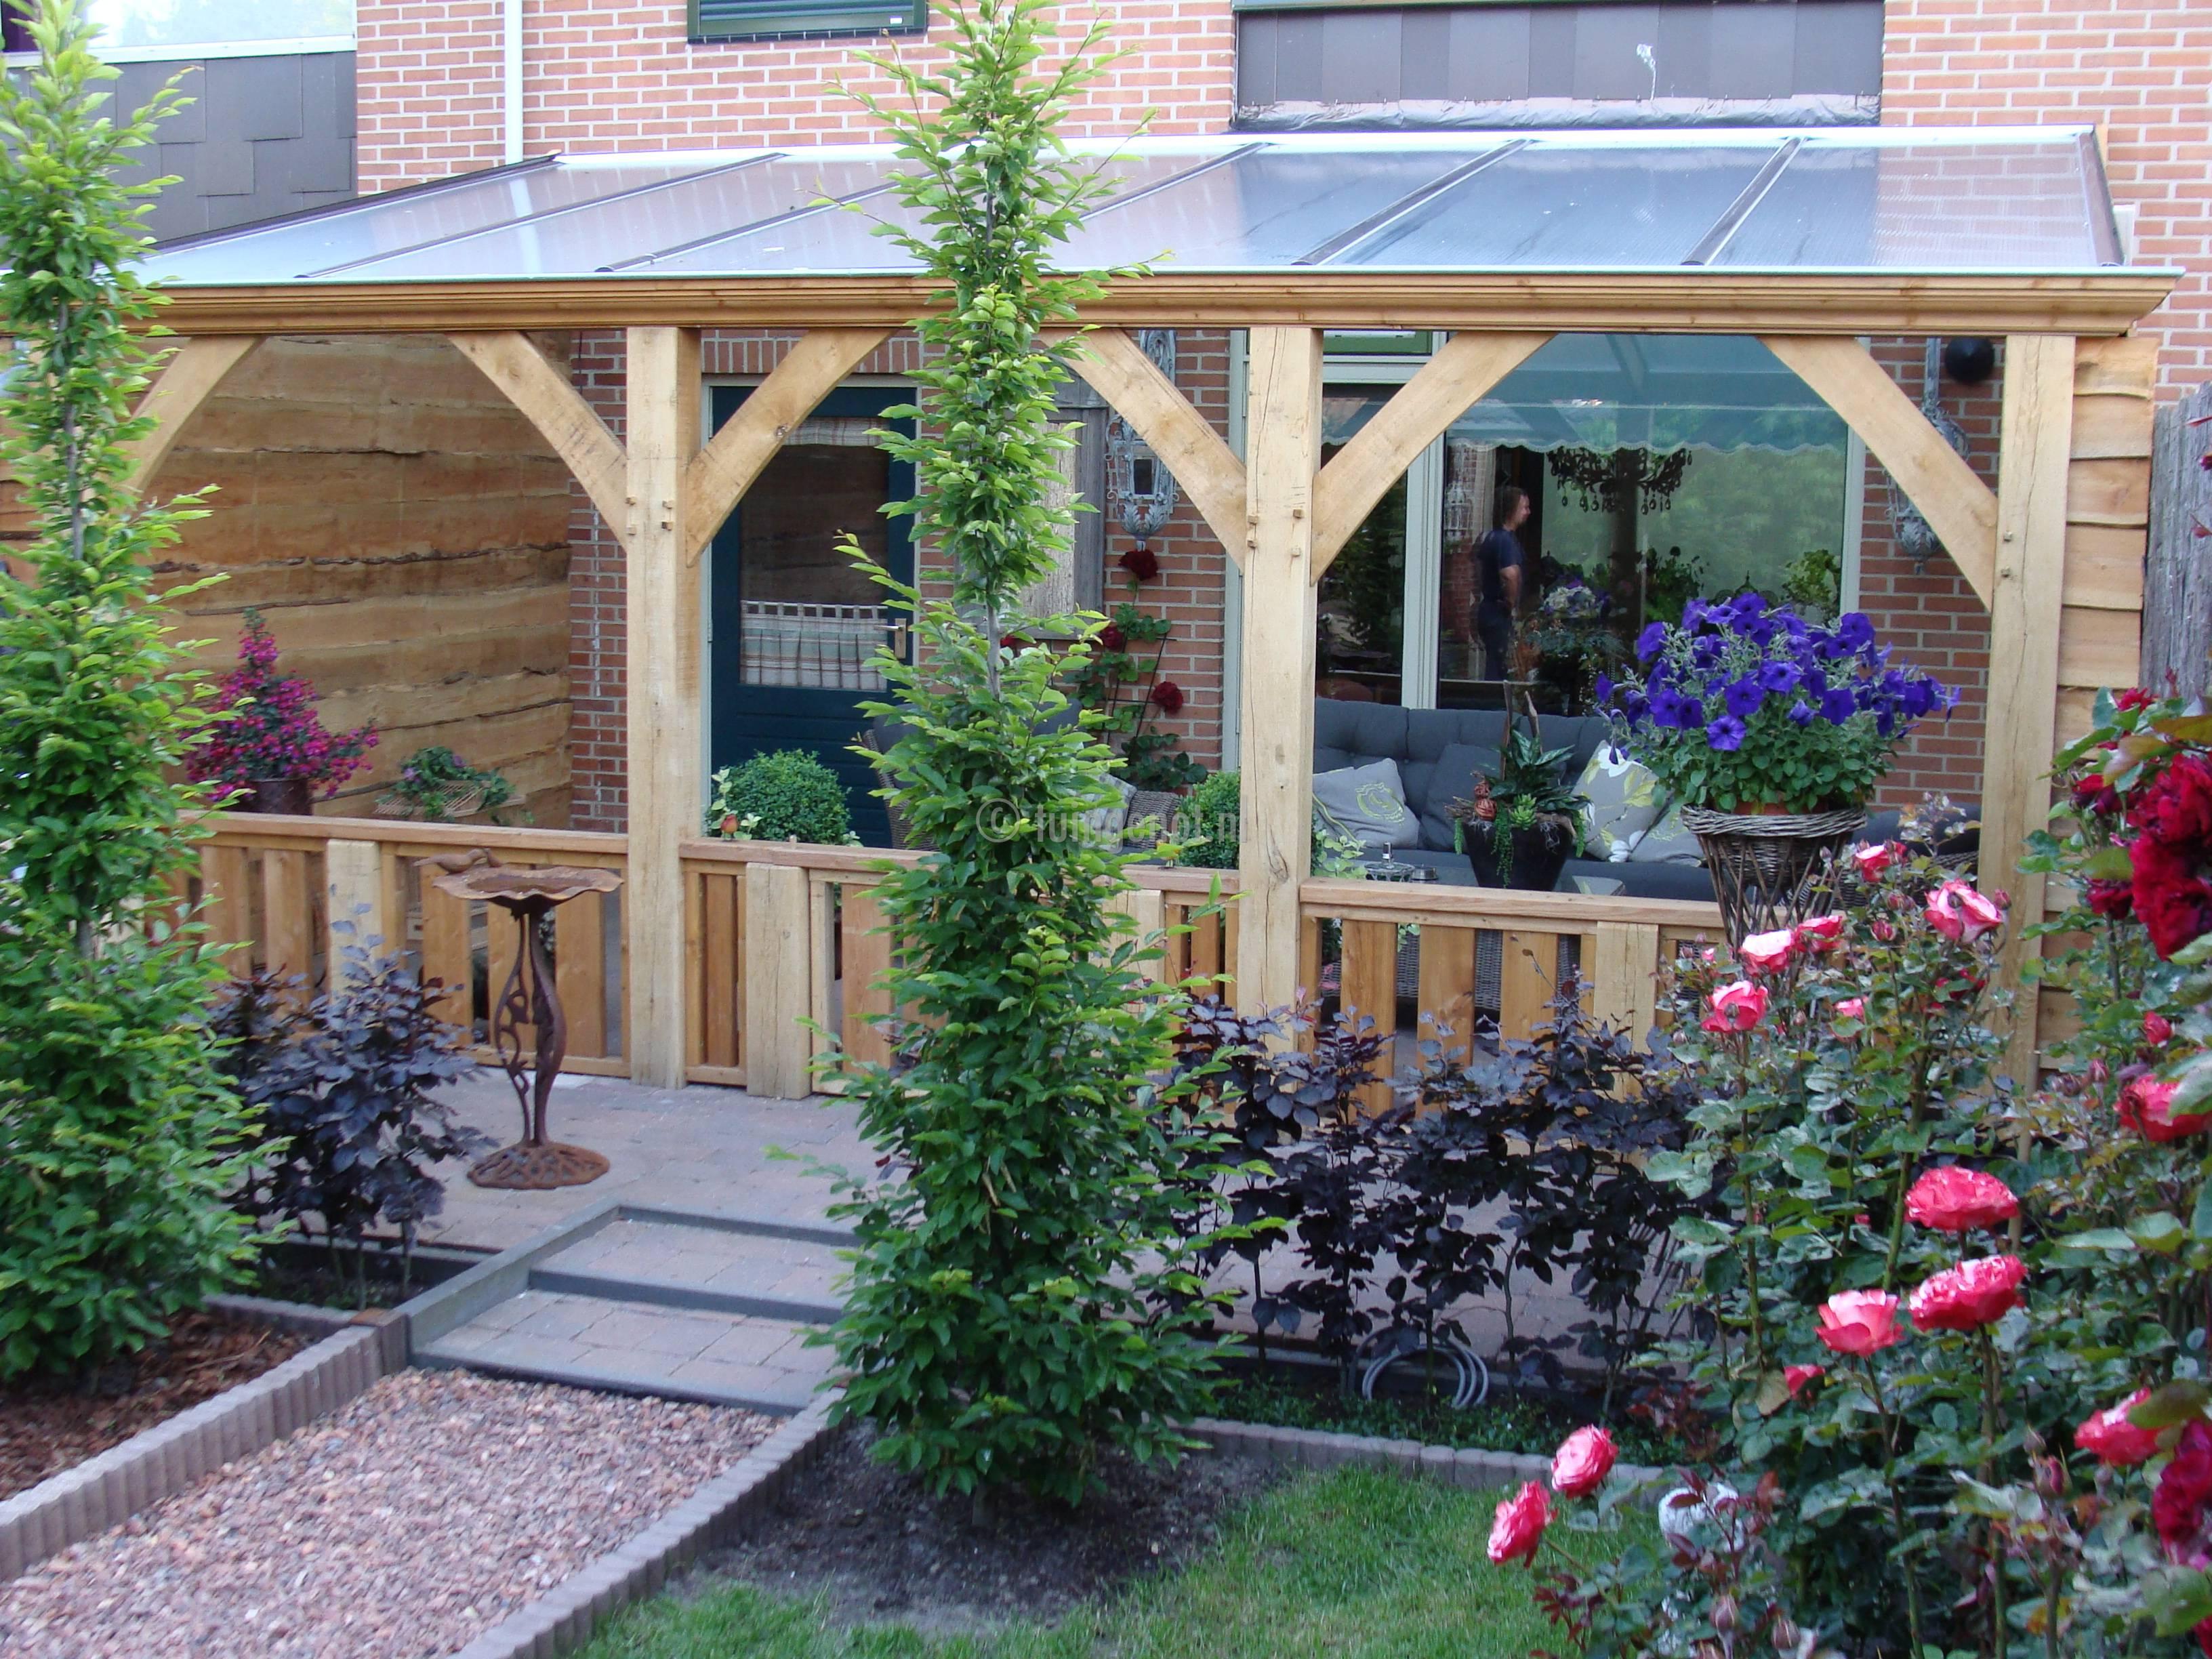 Tuingenot 49 eiken veranda met robuuste hek enkhuizen - Decoratie binnen veranda ...